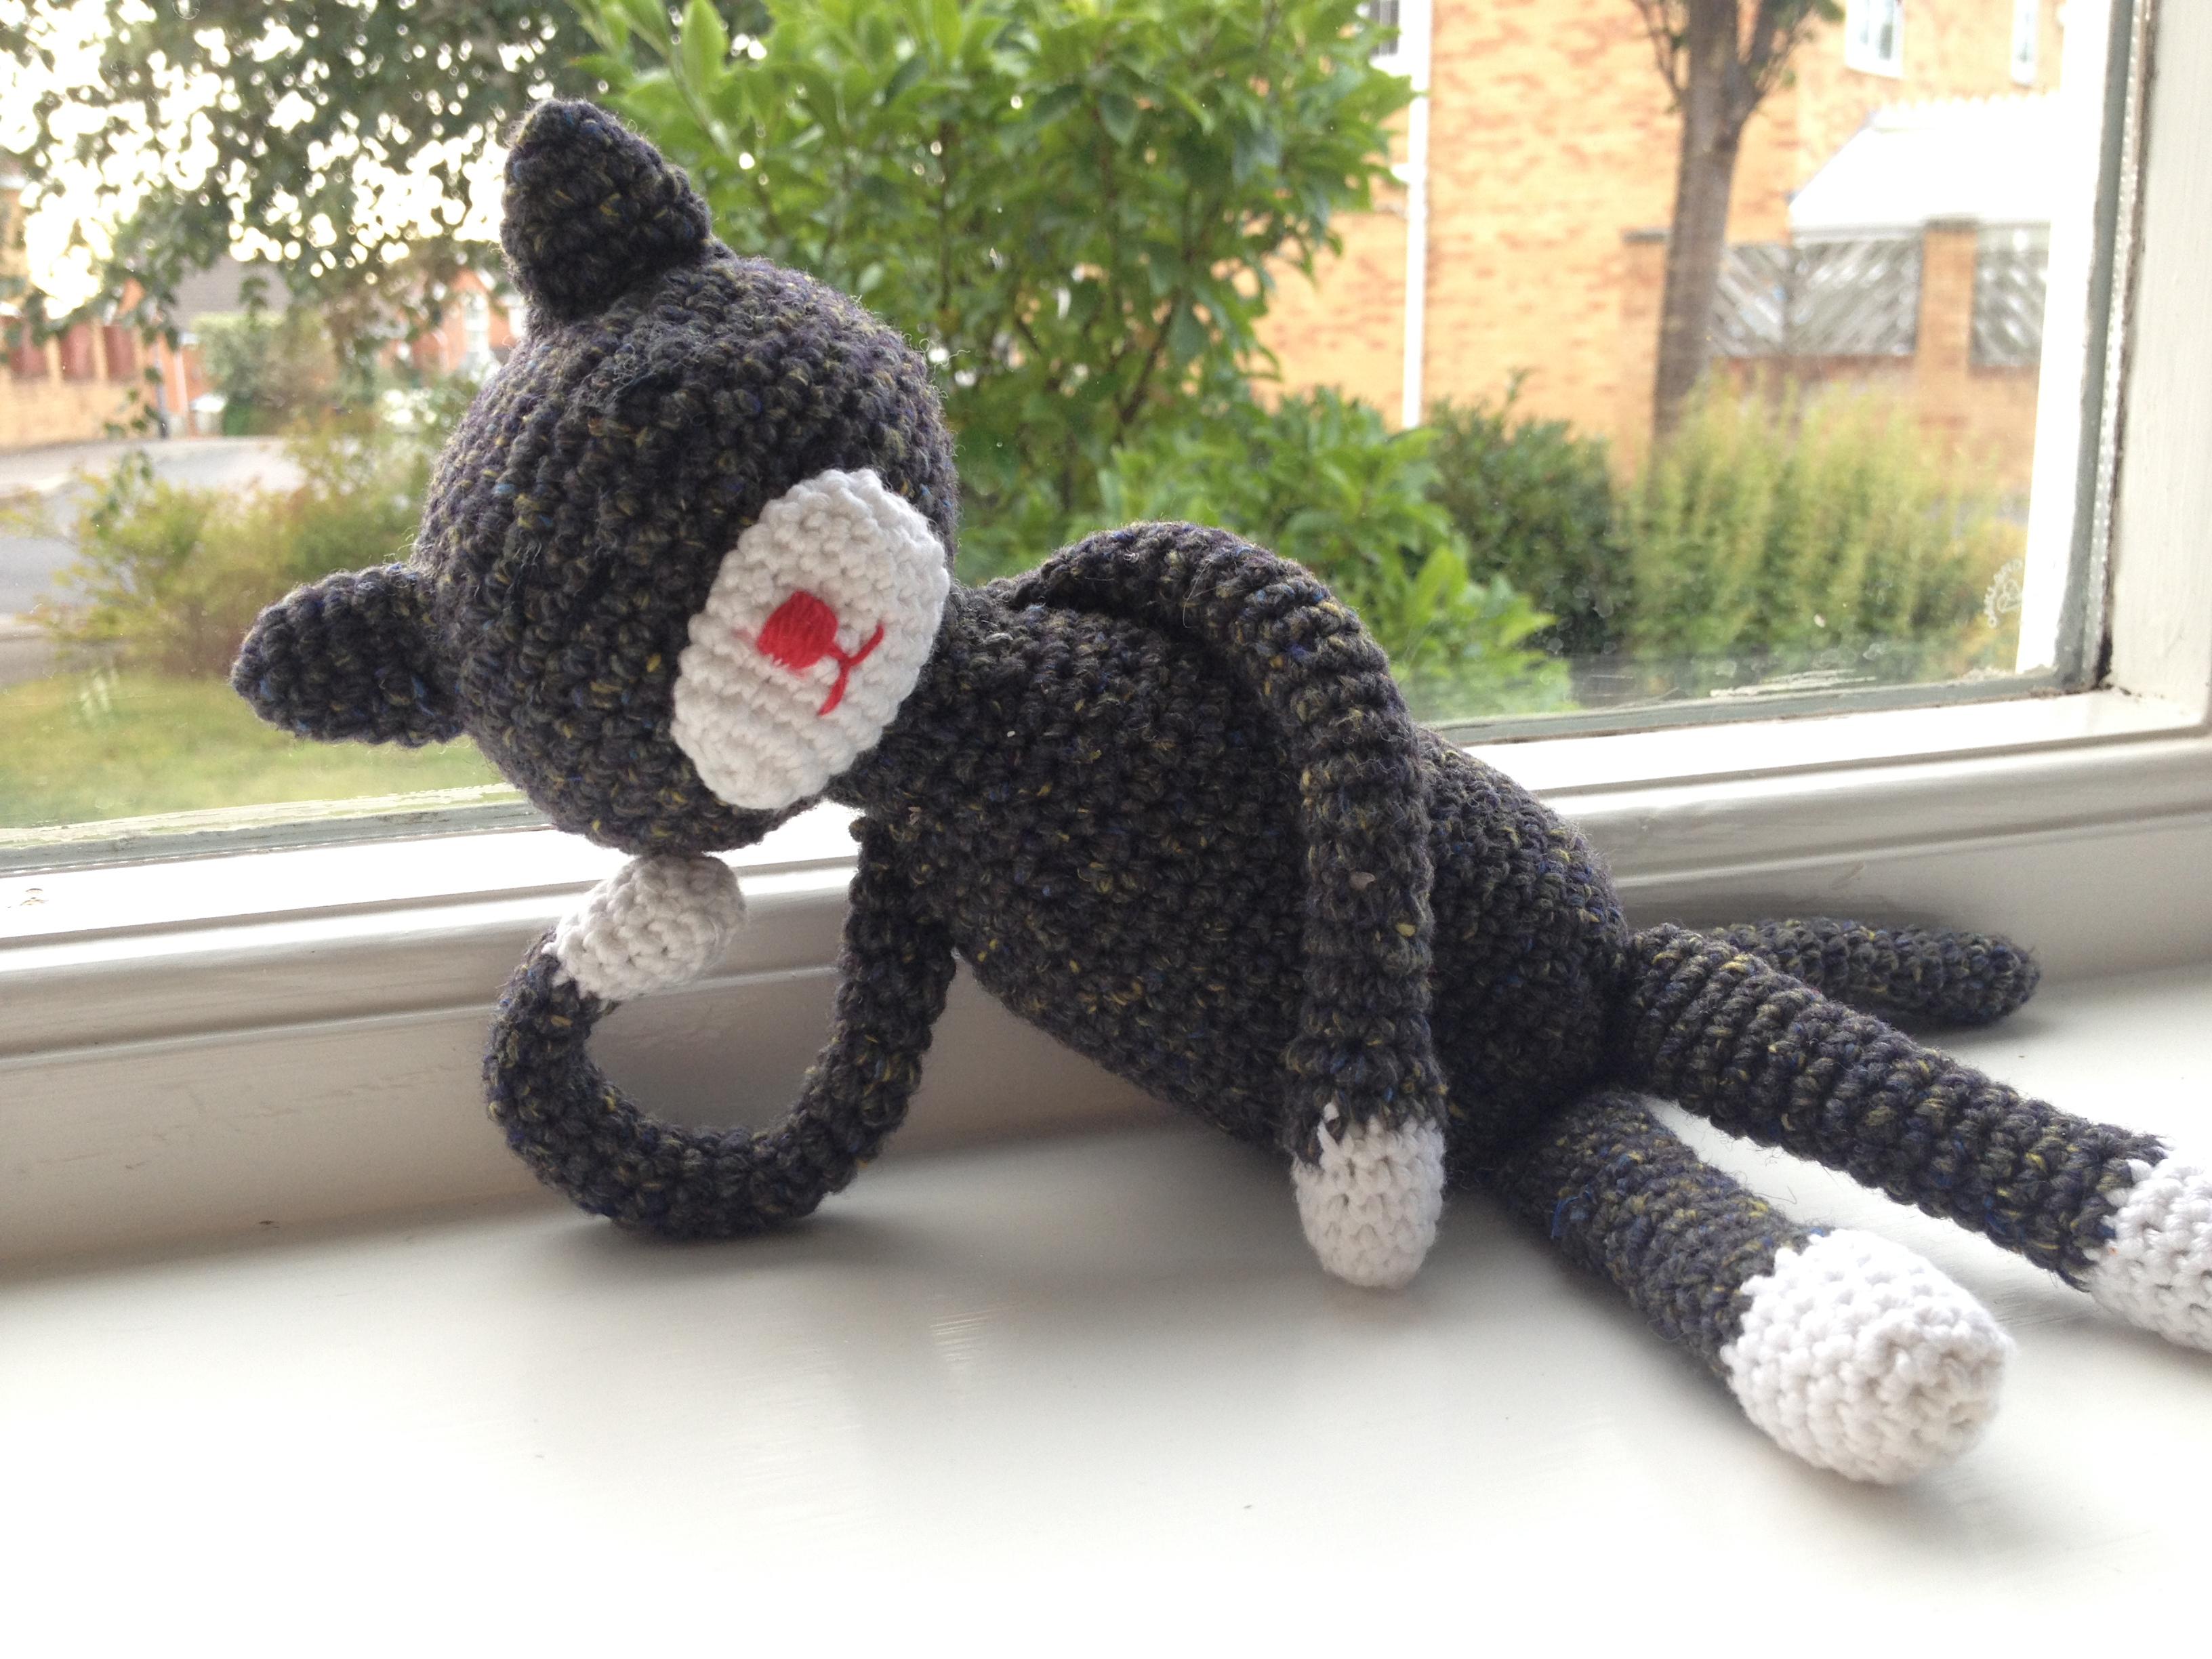 Super Cute Amigurumi Amineko crochet cat handma... - Folksy | 2448x3264